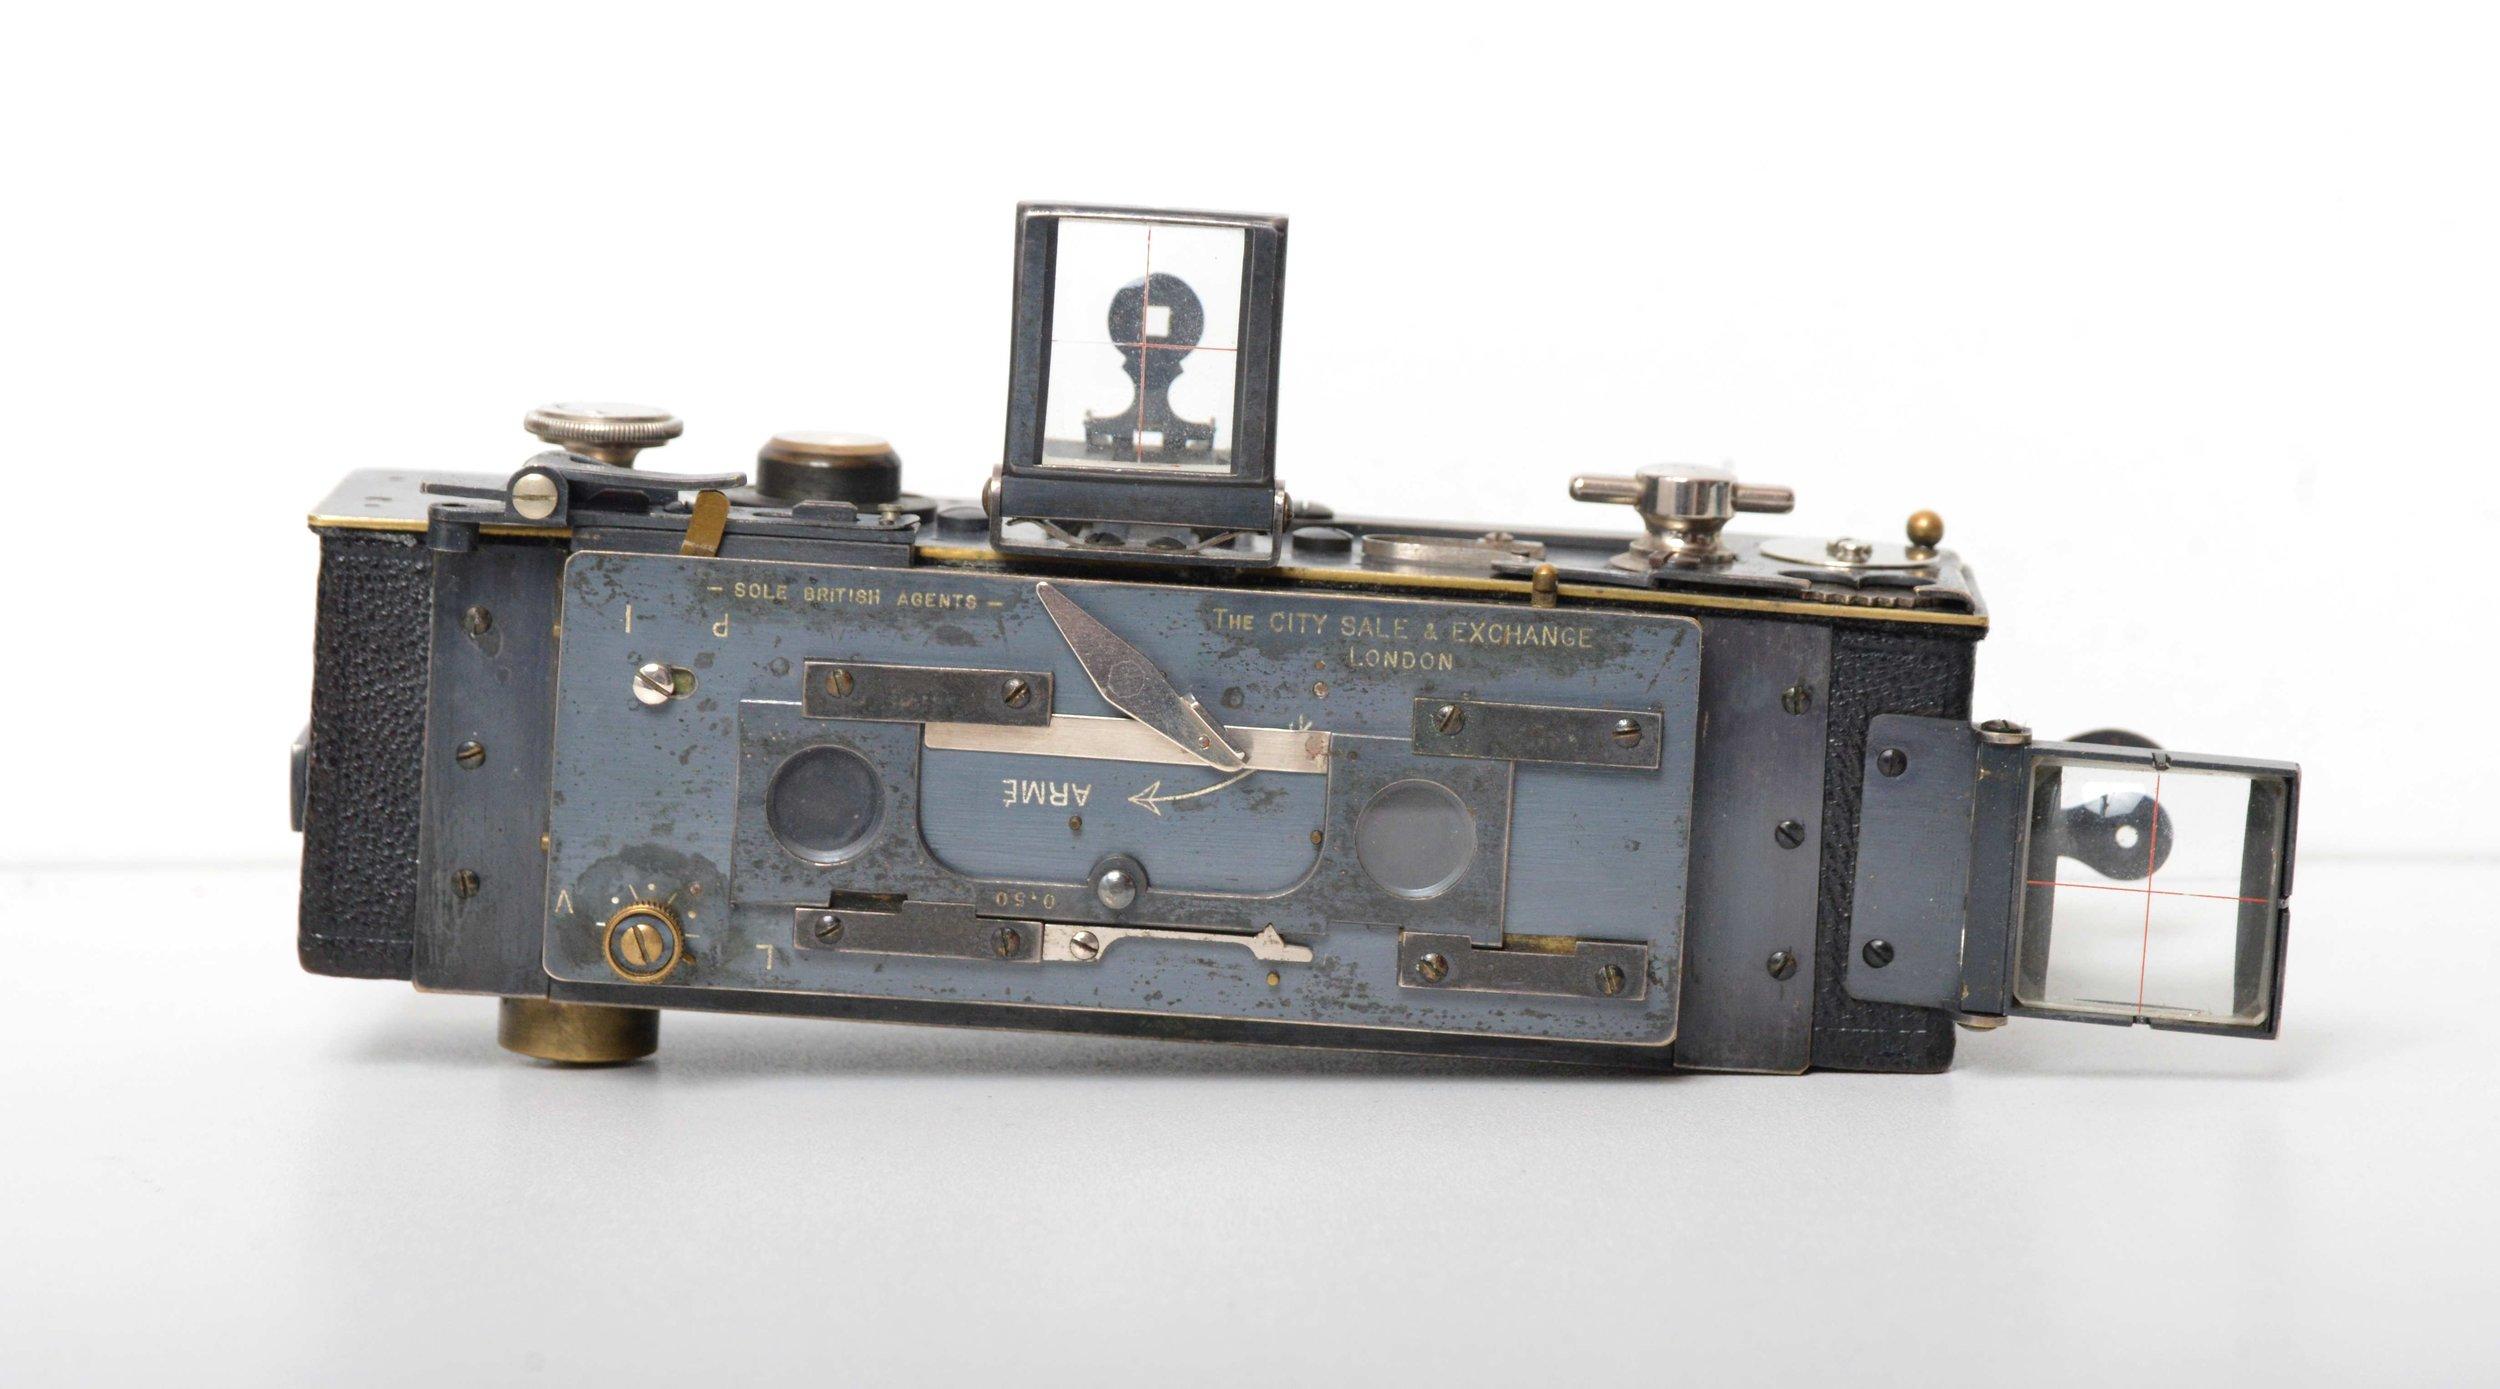 HOMEOS - Premier appareil photographique stéréoscopique sur film 35 mm (second modèle)Fabrication Jules Richard, France, c. 1920